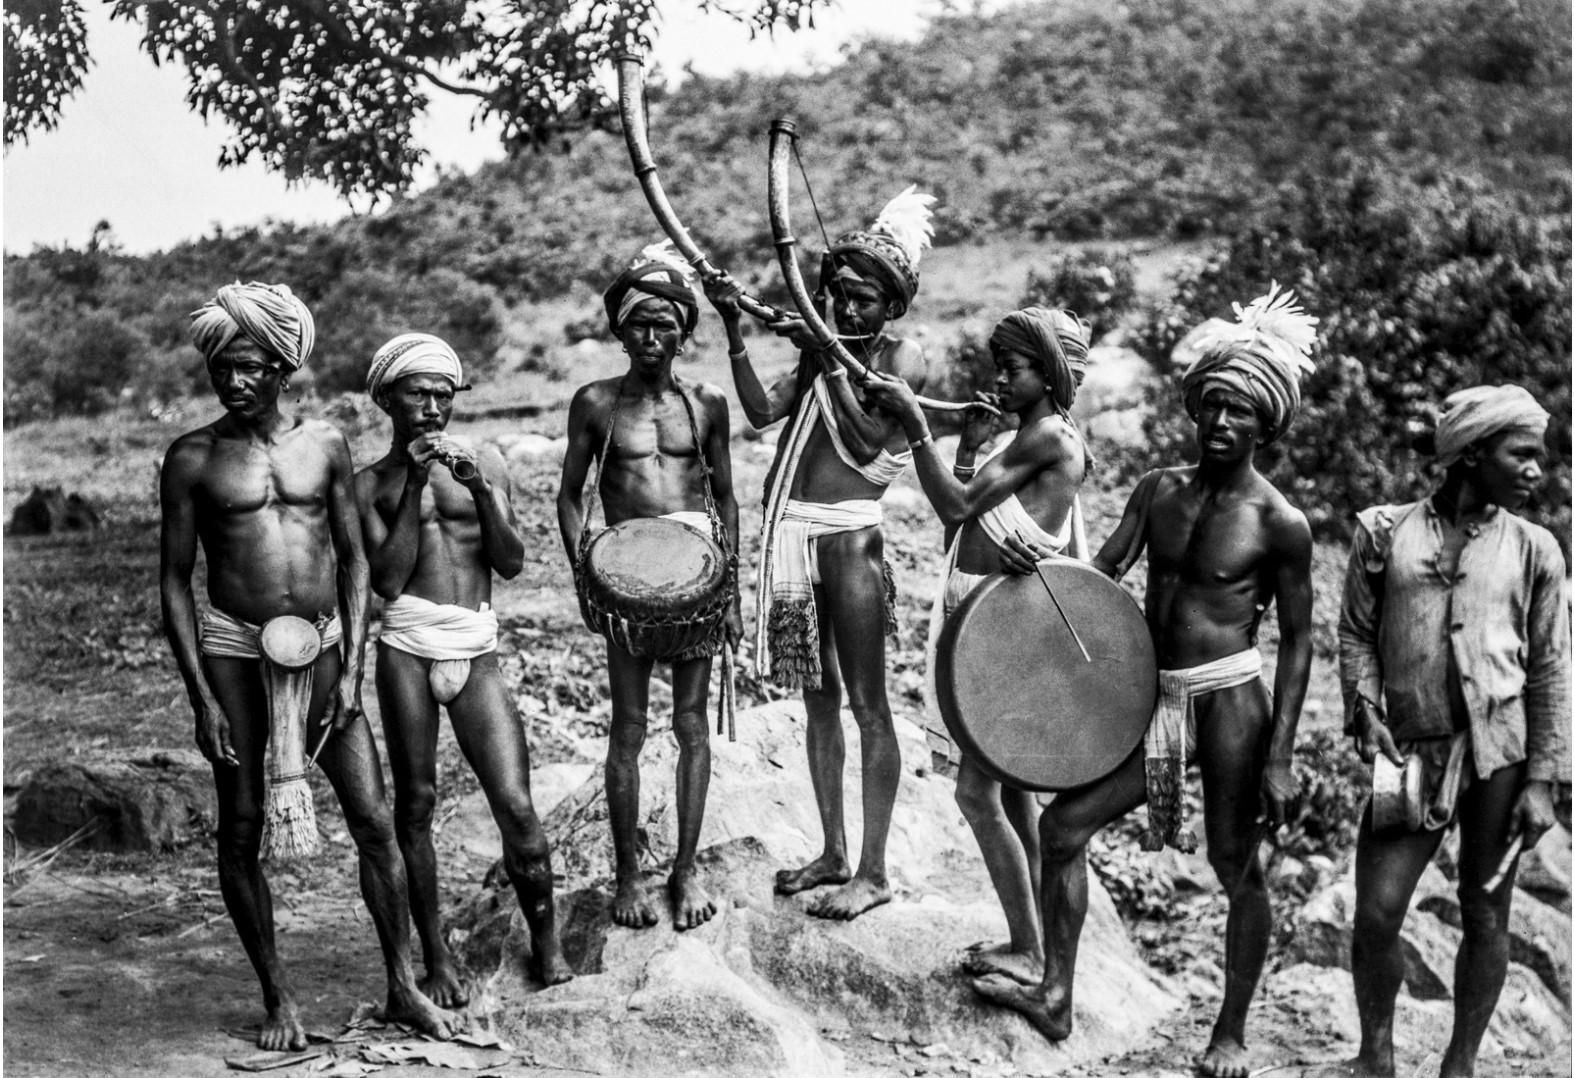 668. Орисса. Групповой портрет музыкантов с барабанами и трубами